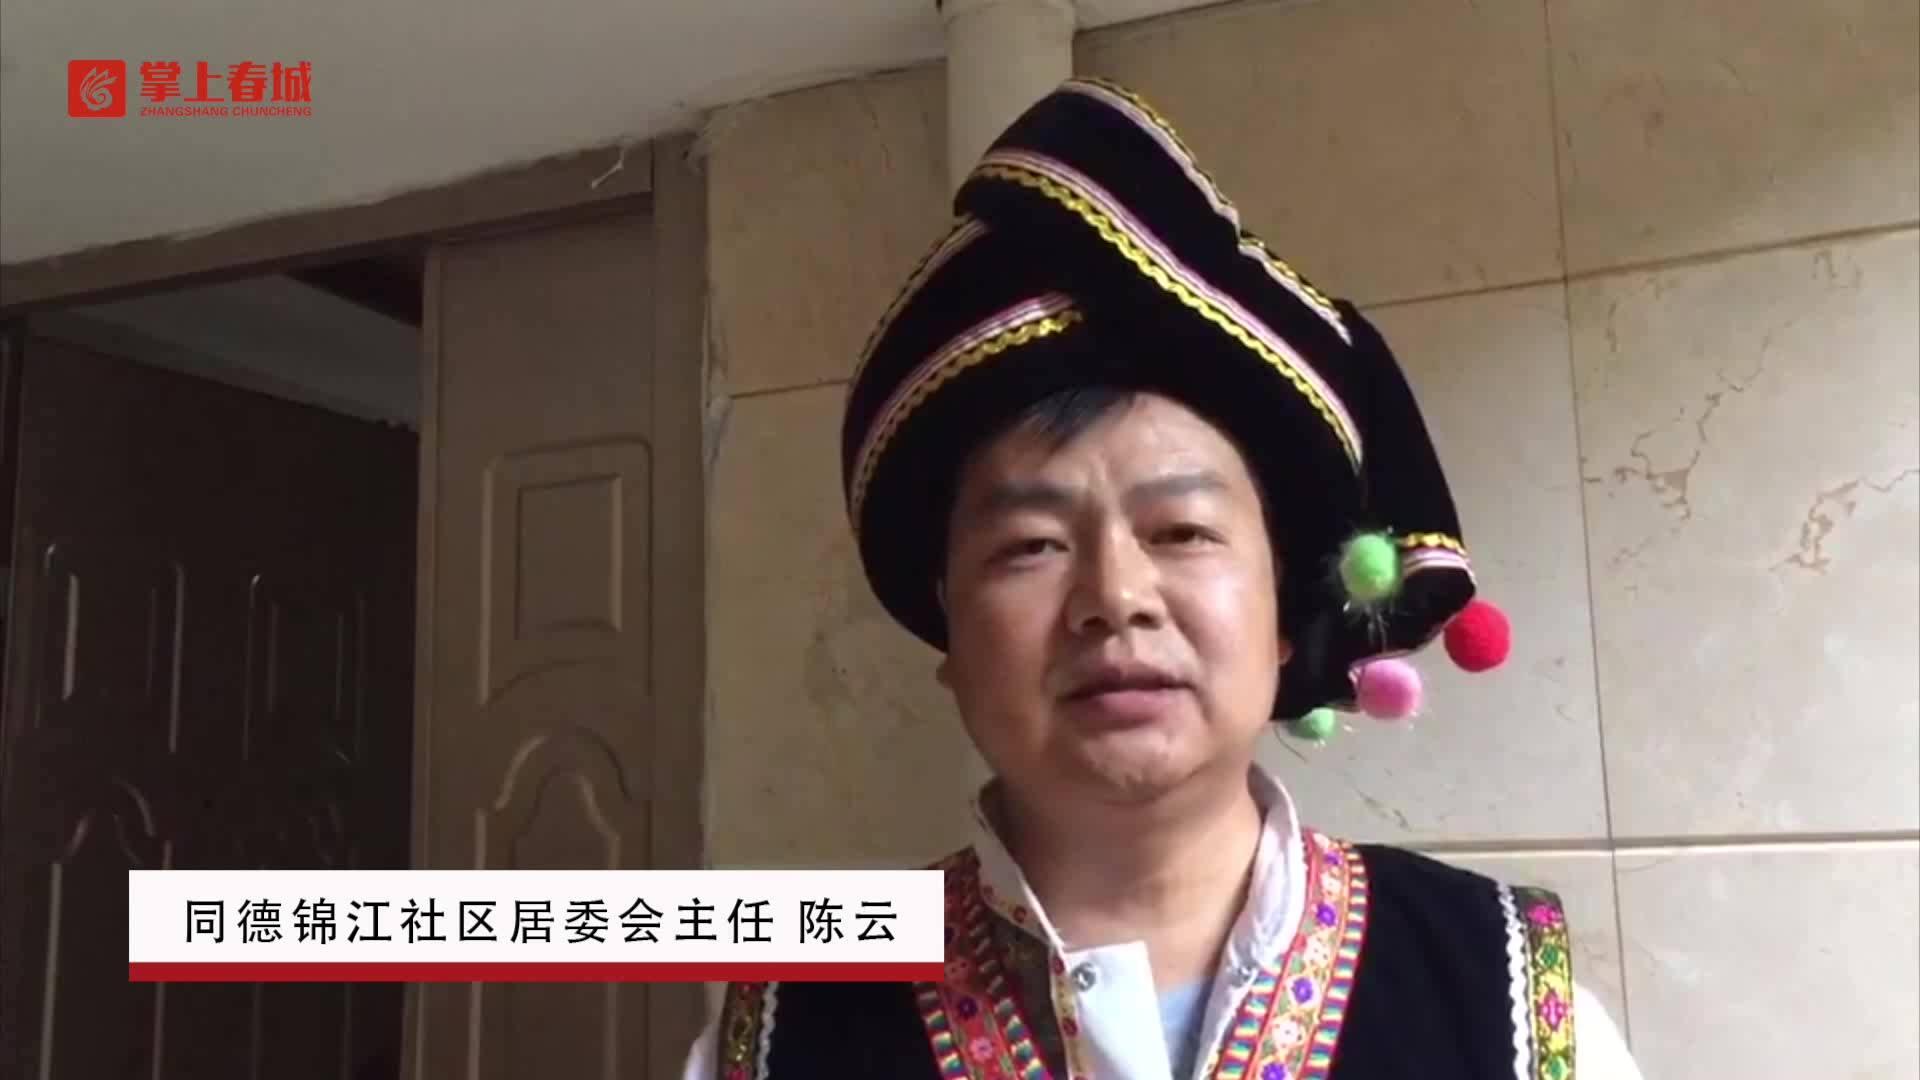 社区特色百家宴 品味不一样的邻里中秋节